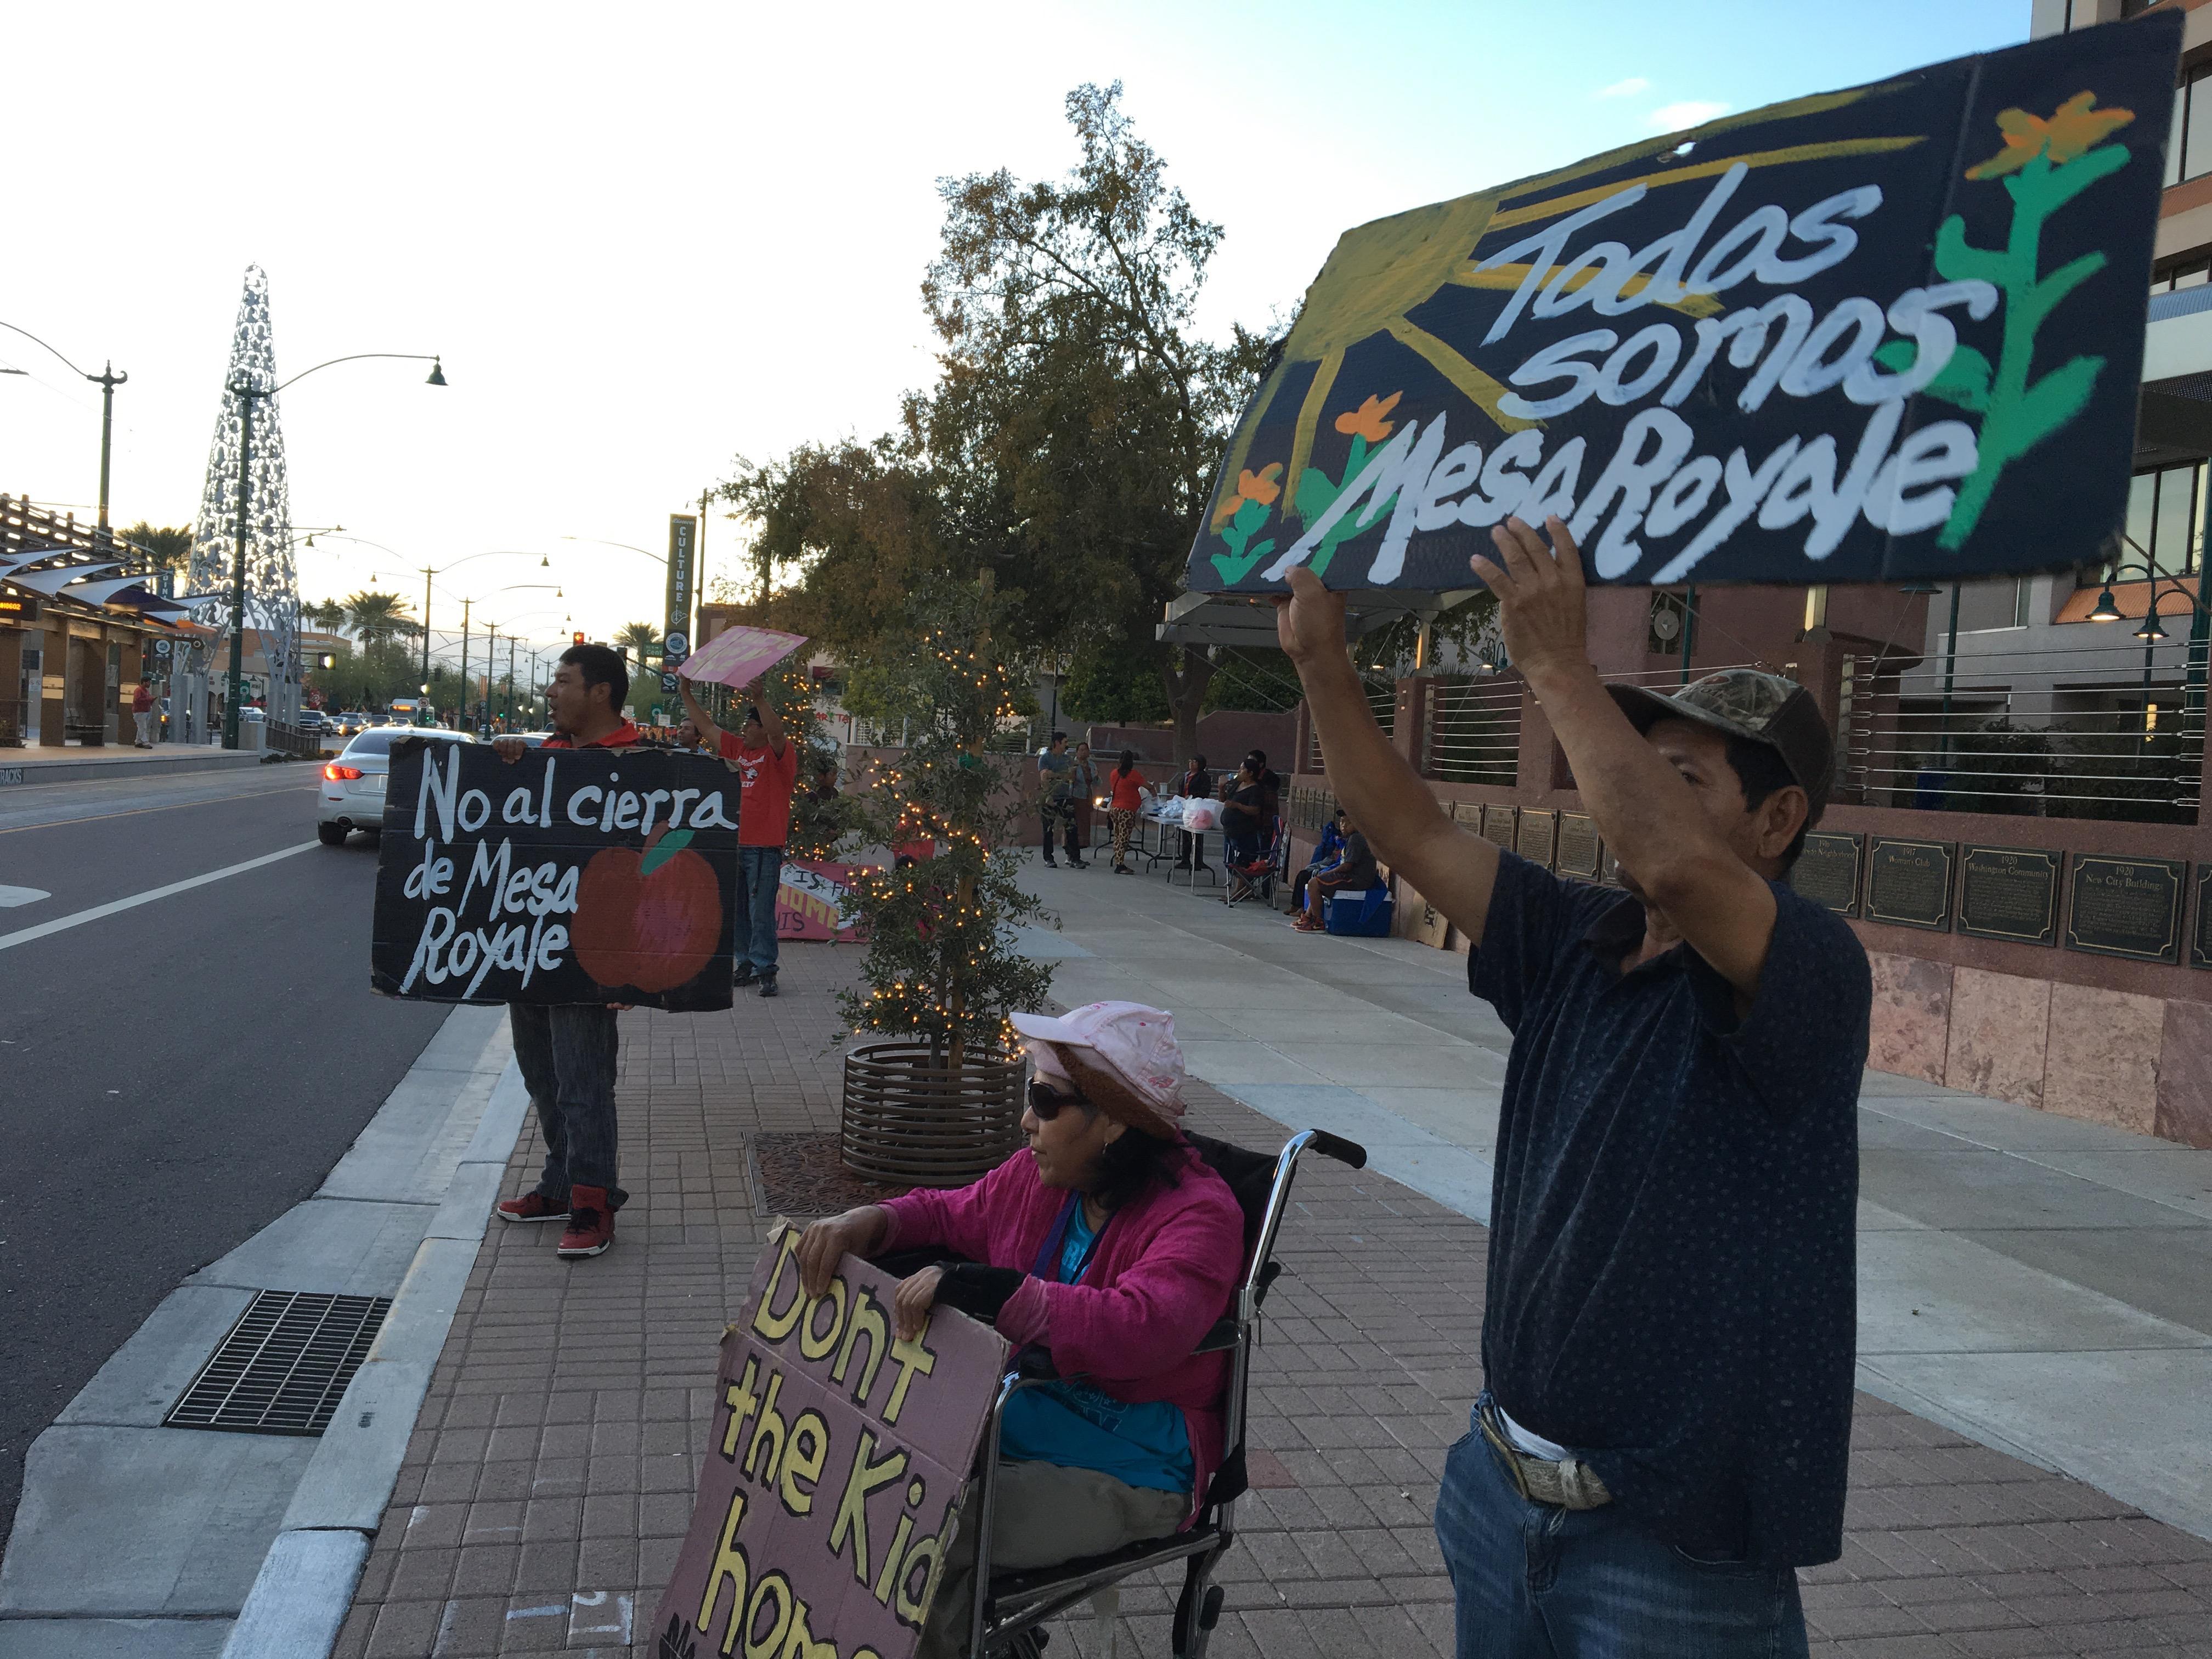 Residentes de Mesa Royal protestan contra el desalojo